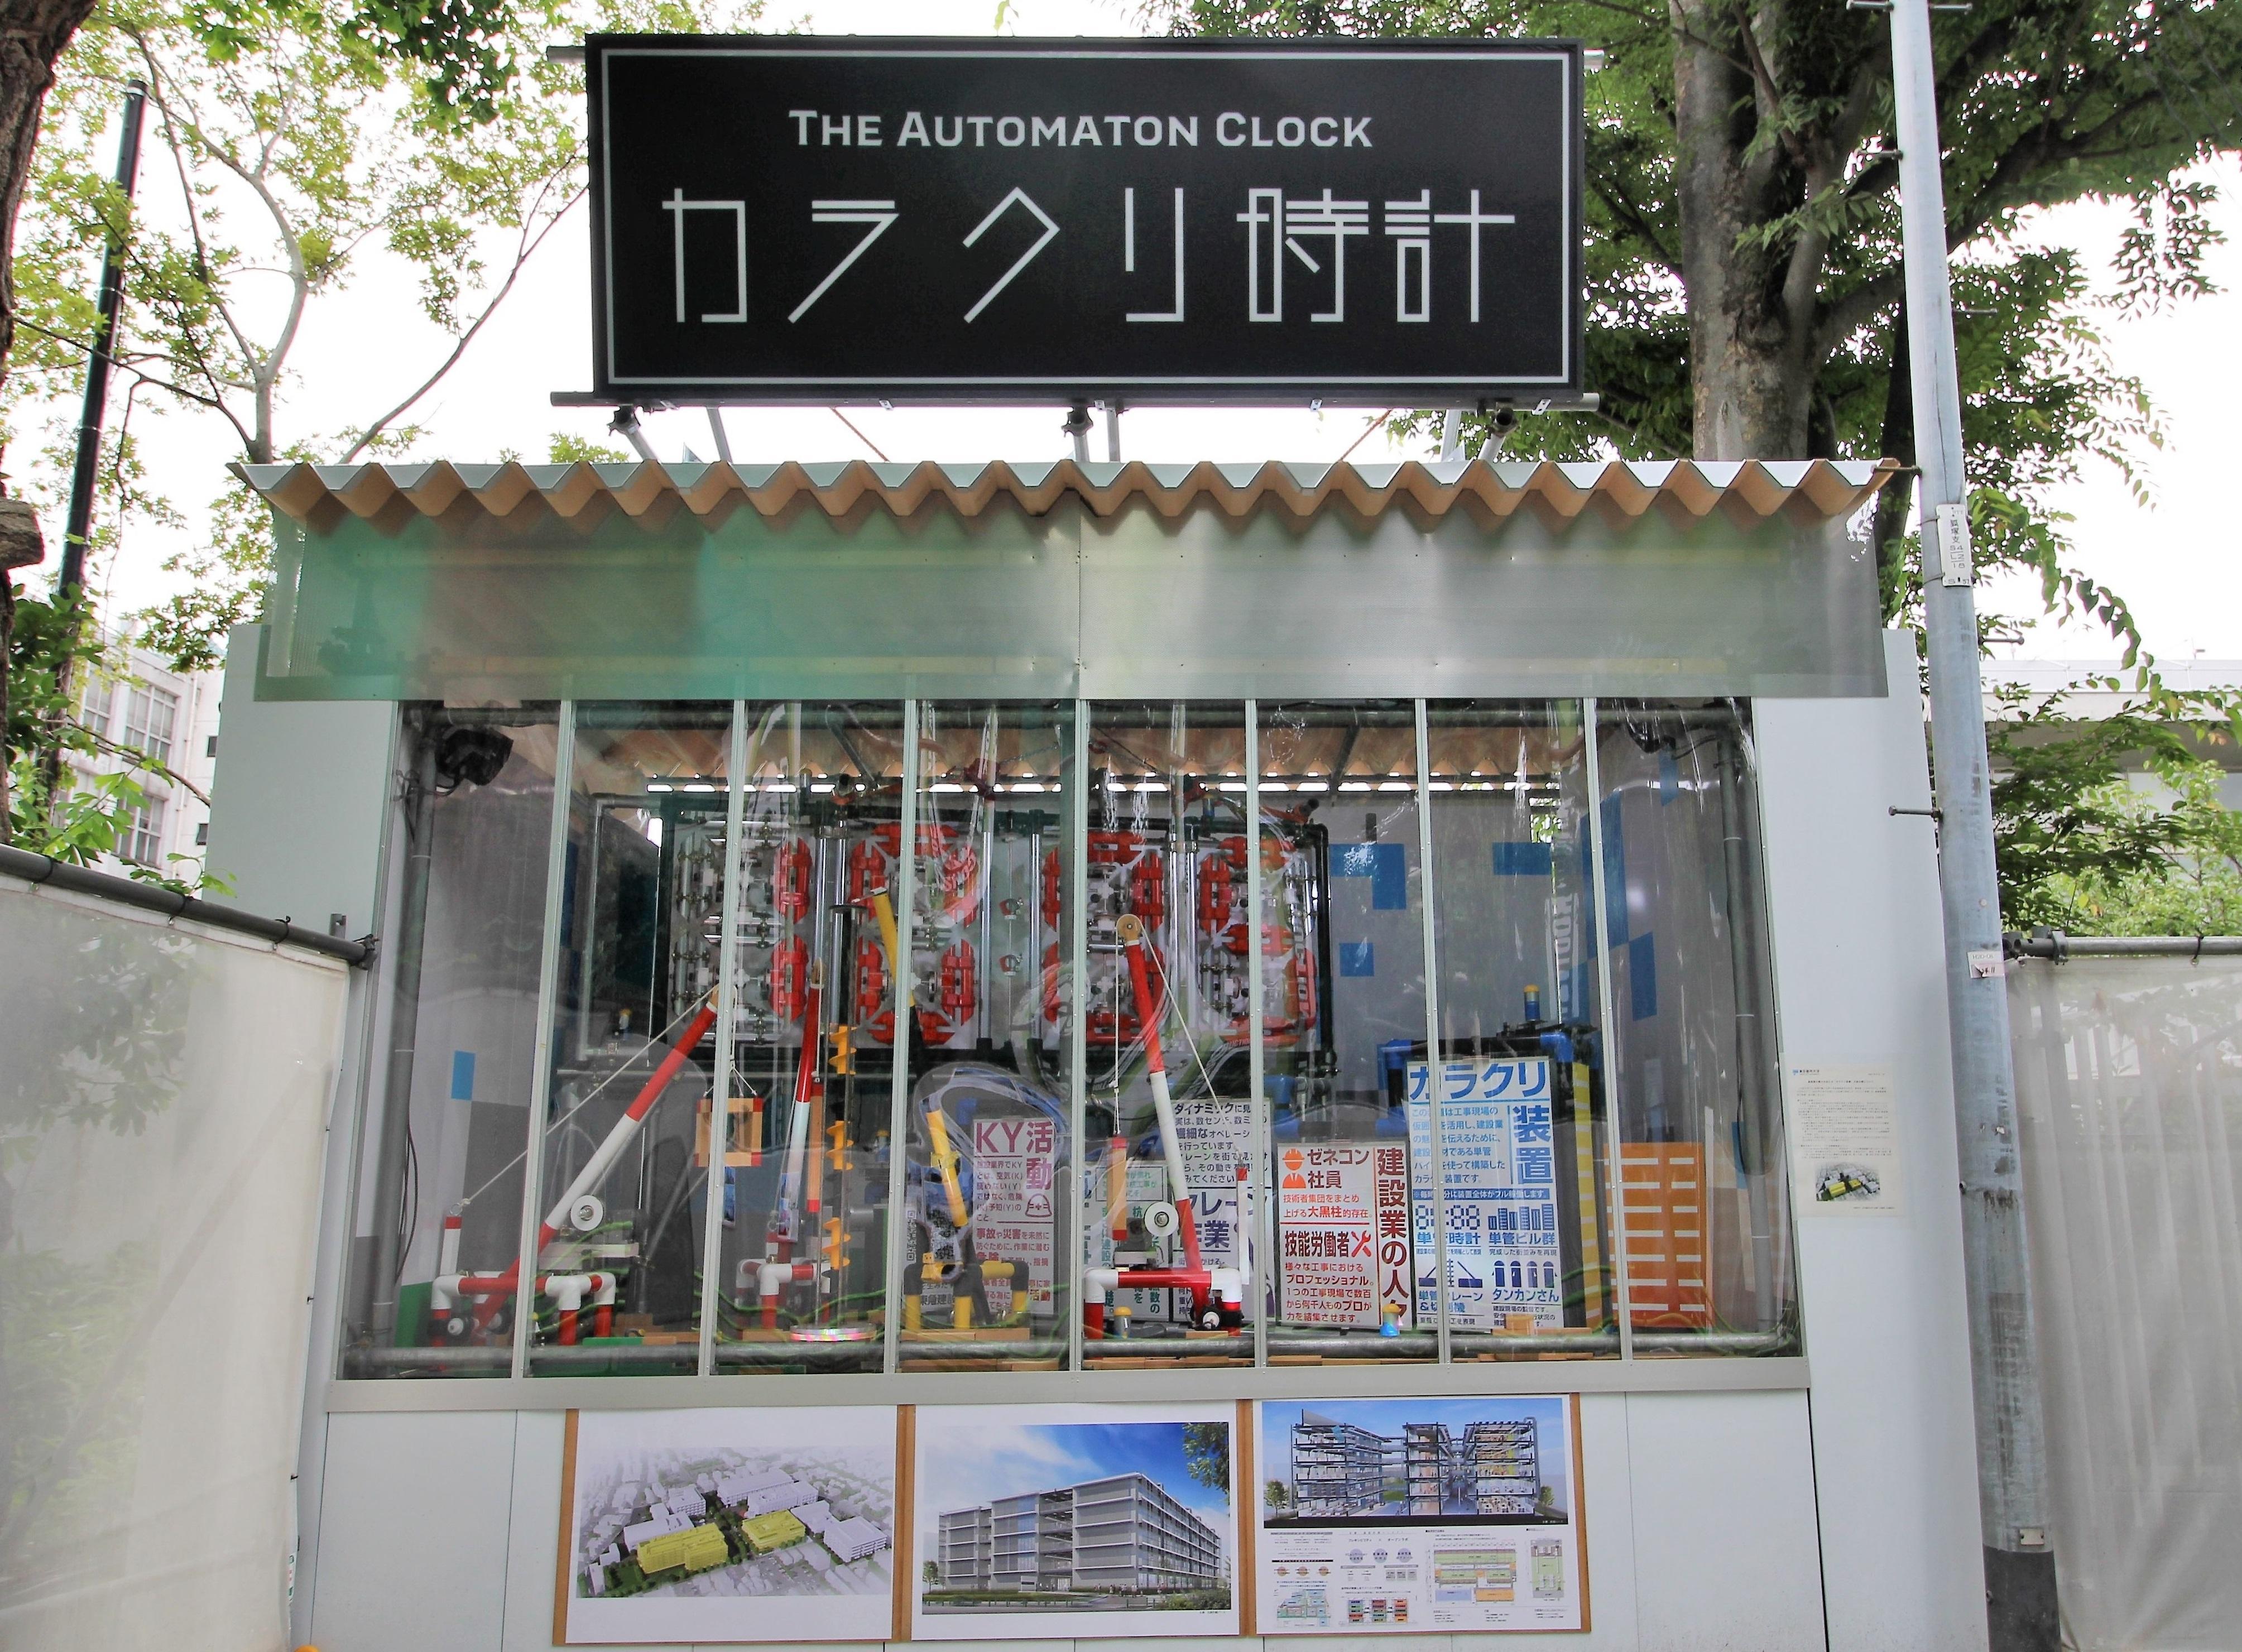 建設業の魅力を伝える「カラクリ装置」を東京都市大学の新棟建設地で公開 -- SDGs教育の一助とするコンテンツの表示を予定 --